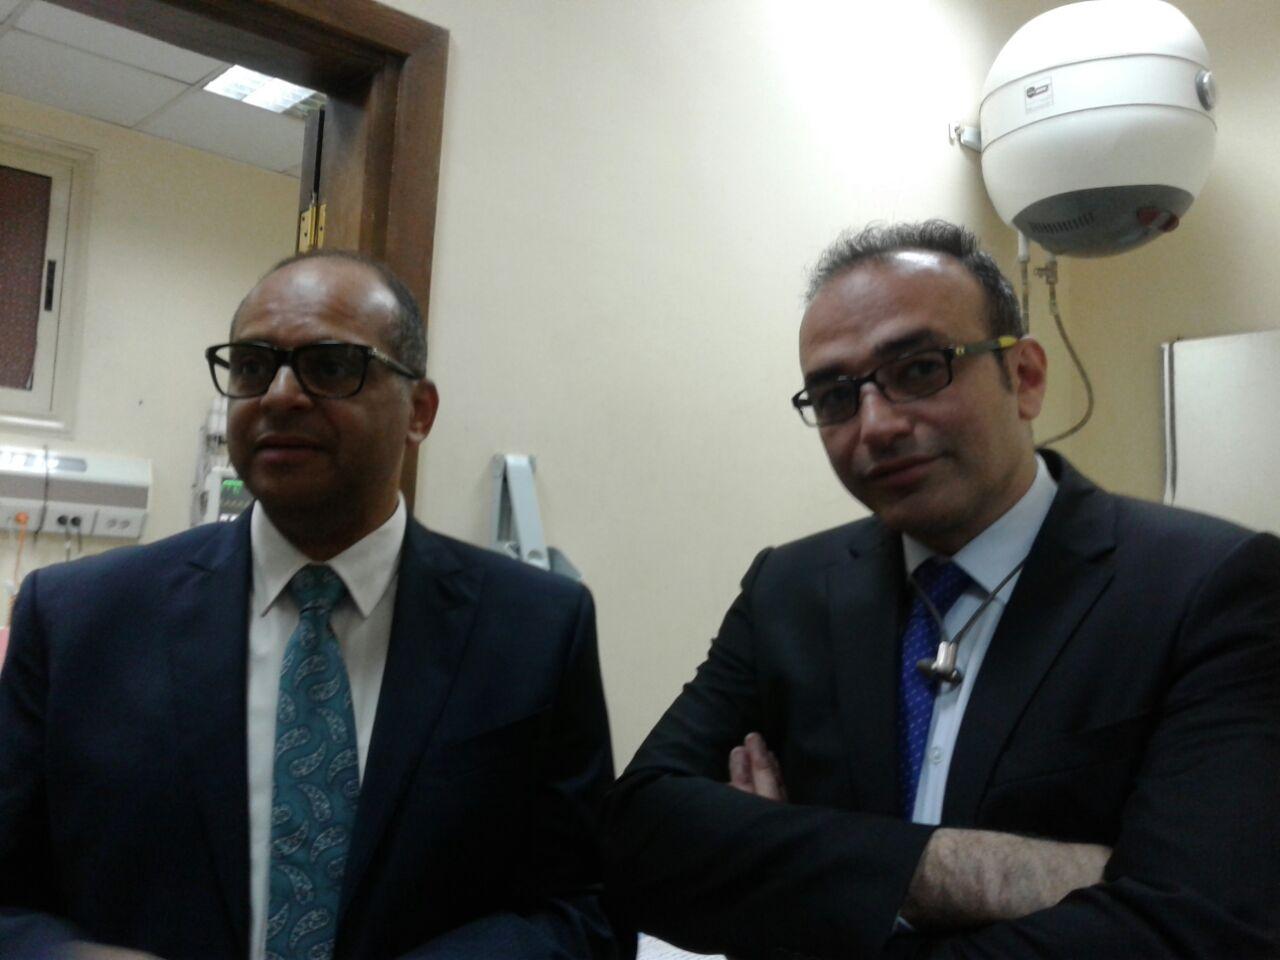 الدكتور خالد جودت استاذ جراحات السمنة مع نائب مدير مستشفى الدمرداش